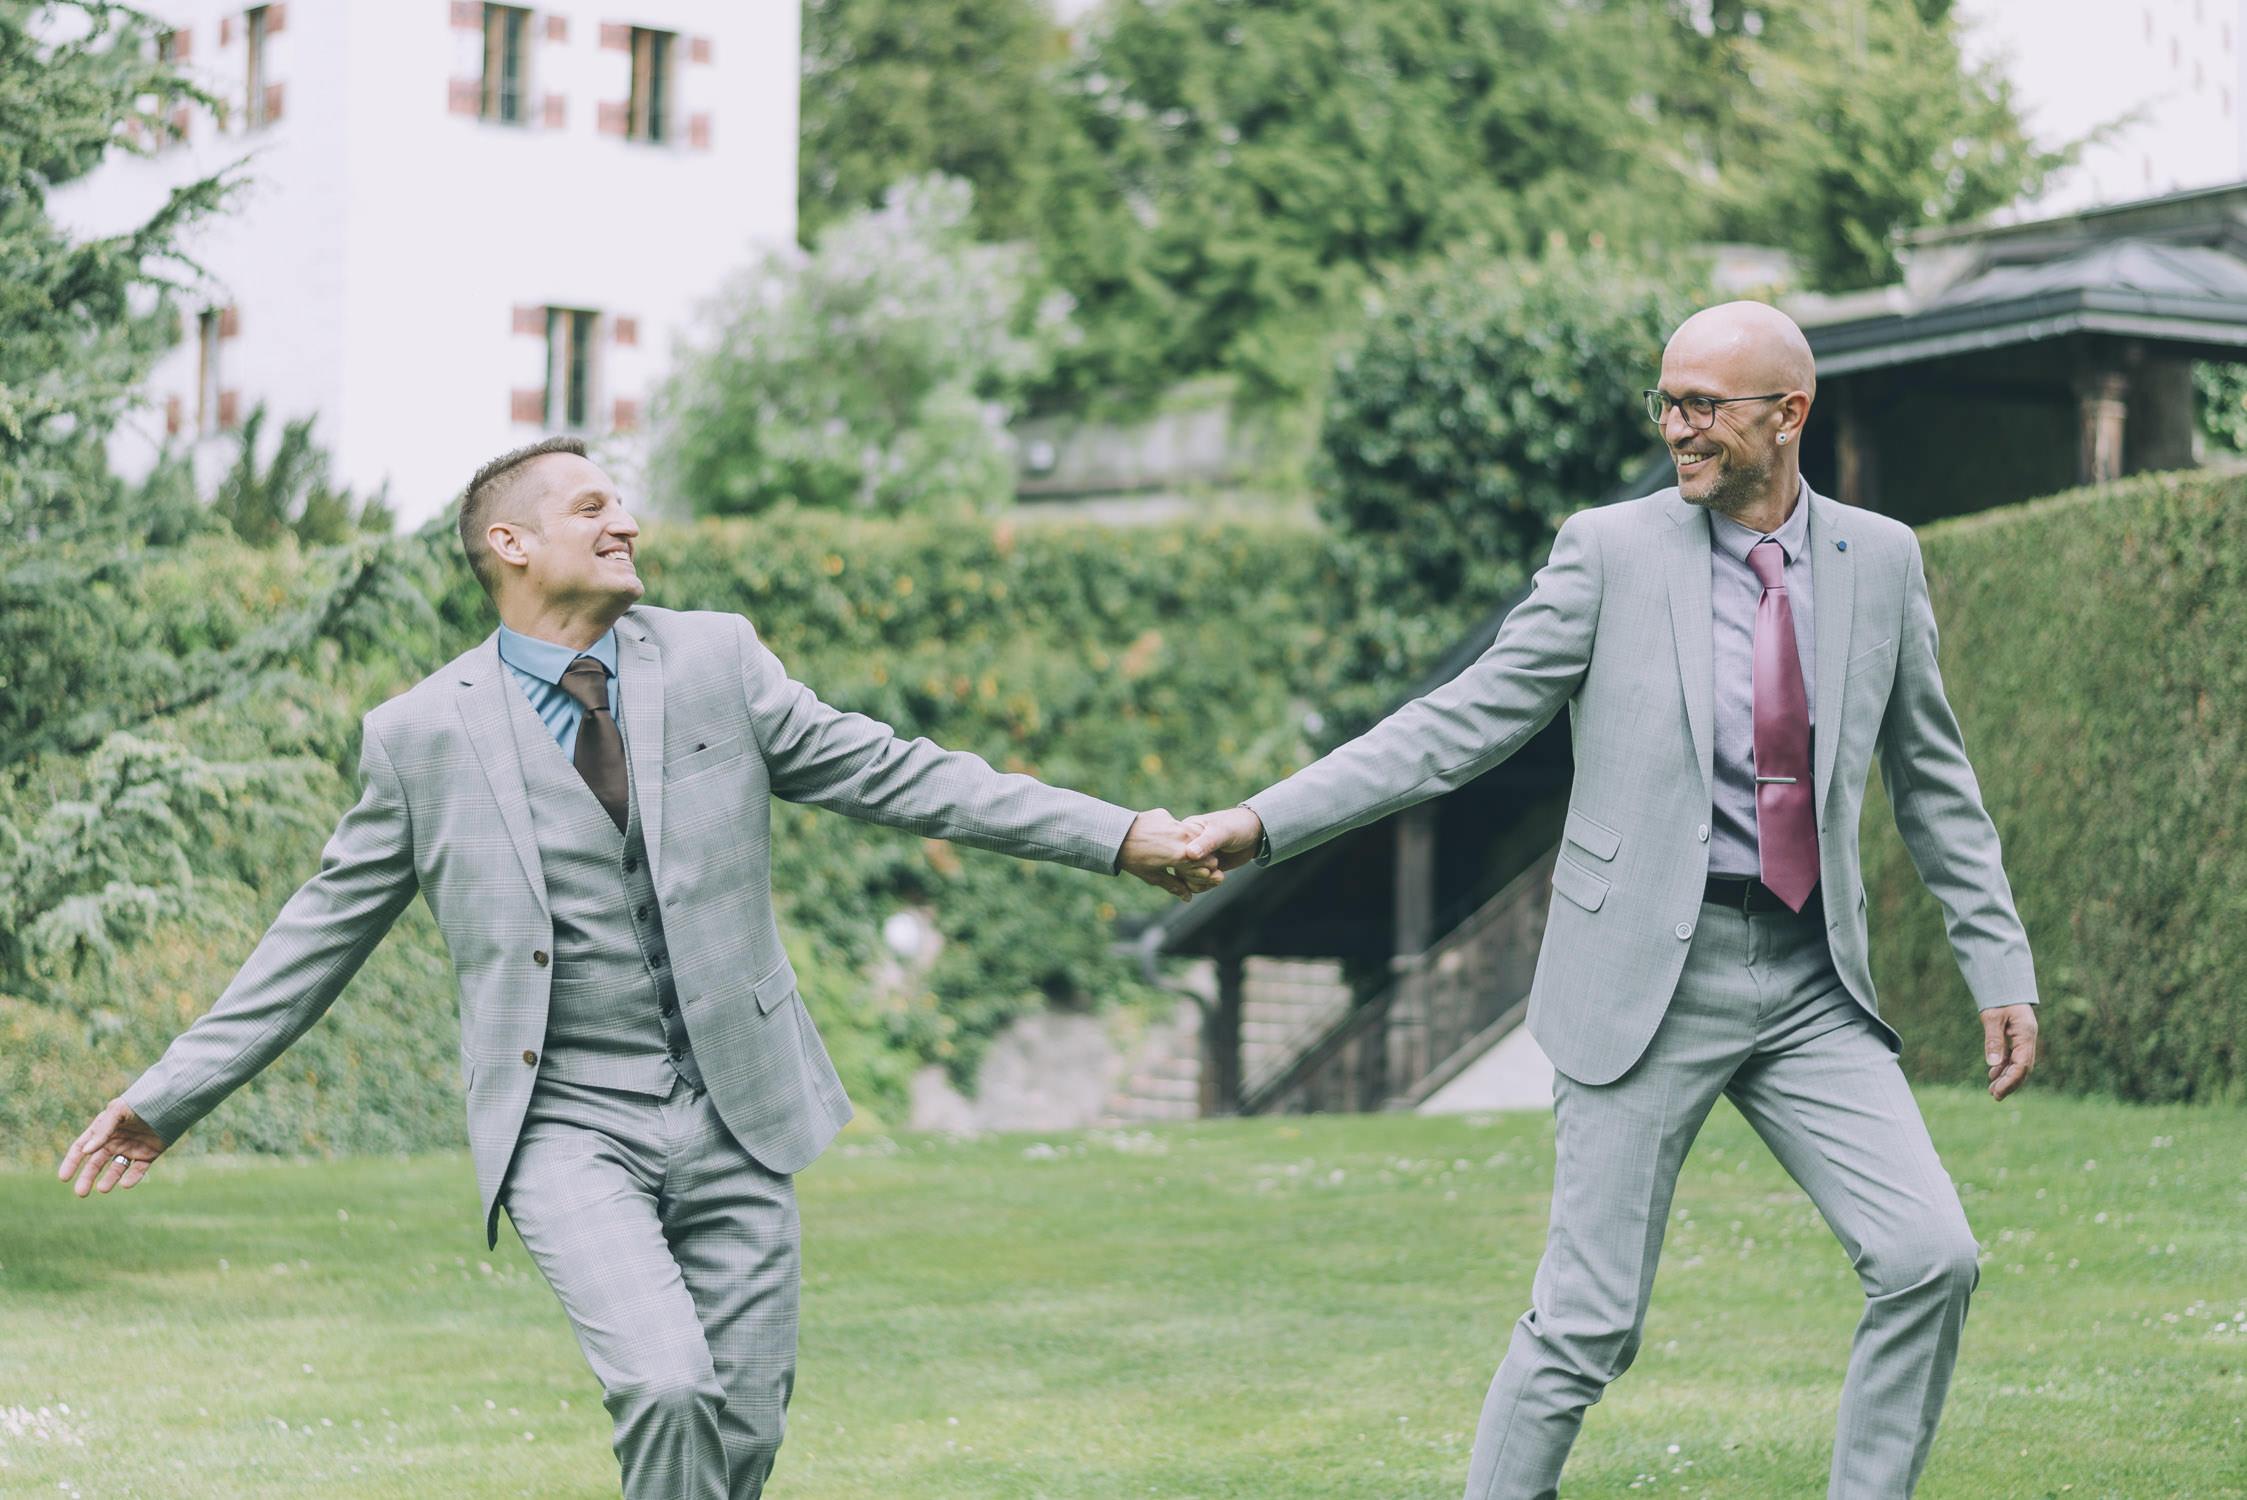 gaywedding, gleichgeschlechtliche Hochzeit, das Ja-Wort von Bräutigam zu Bräutigam, Two Grooms